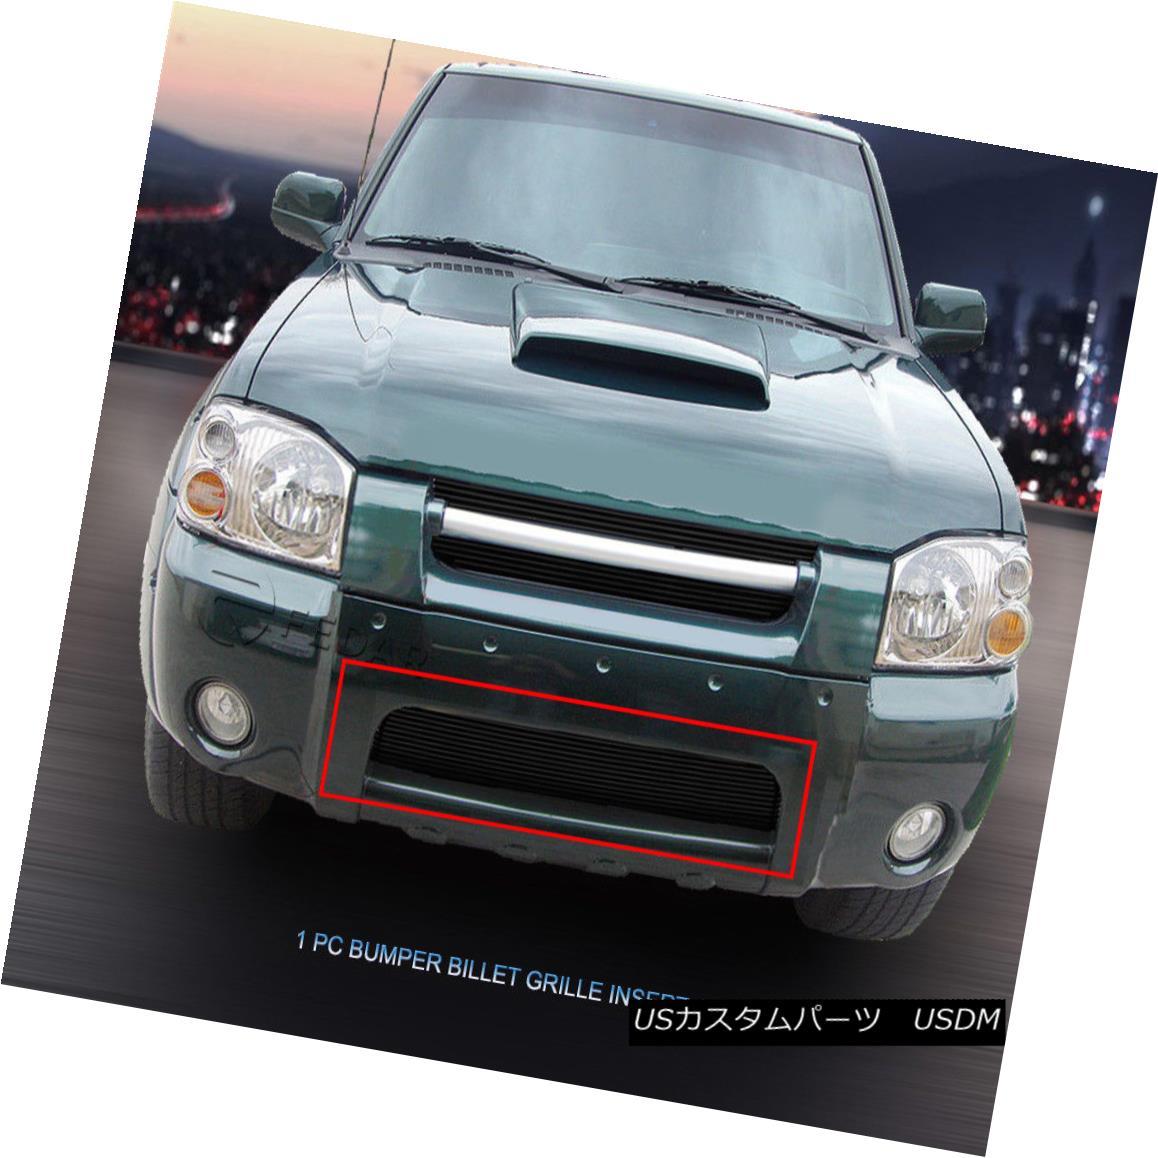 グリル Fedar Fits 2001-2004 Nissan Frontier Black Lower Bumper Billet Grille Fedarは2001-2004年に合う日産フロンティア黒ロワーバンパービレットグリル